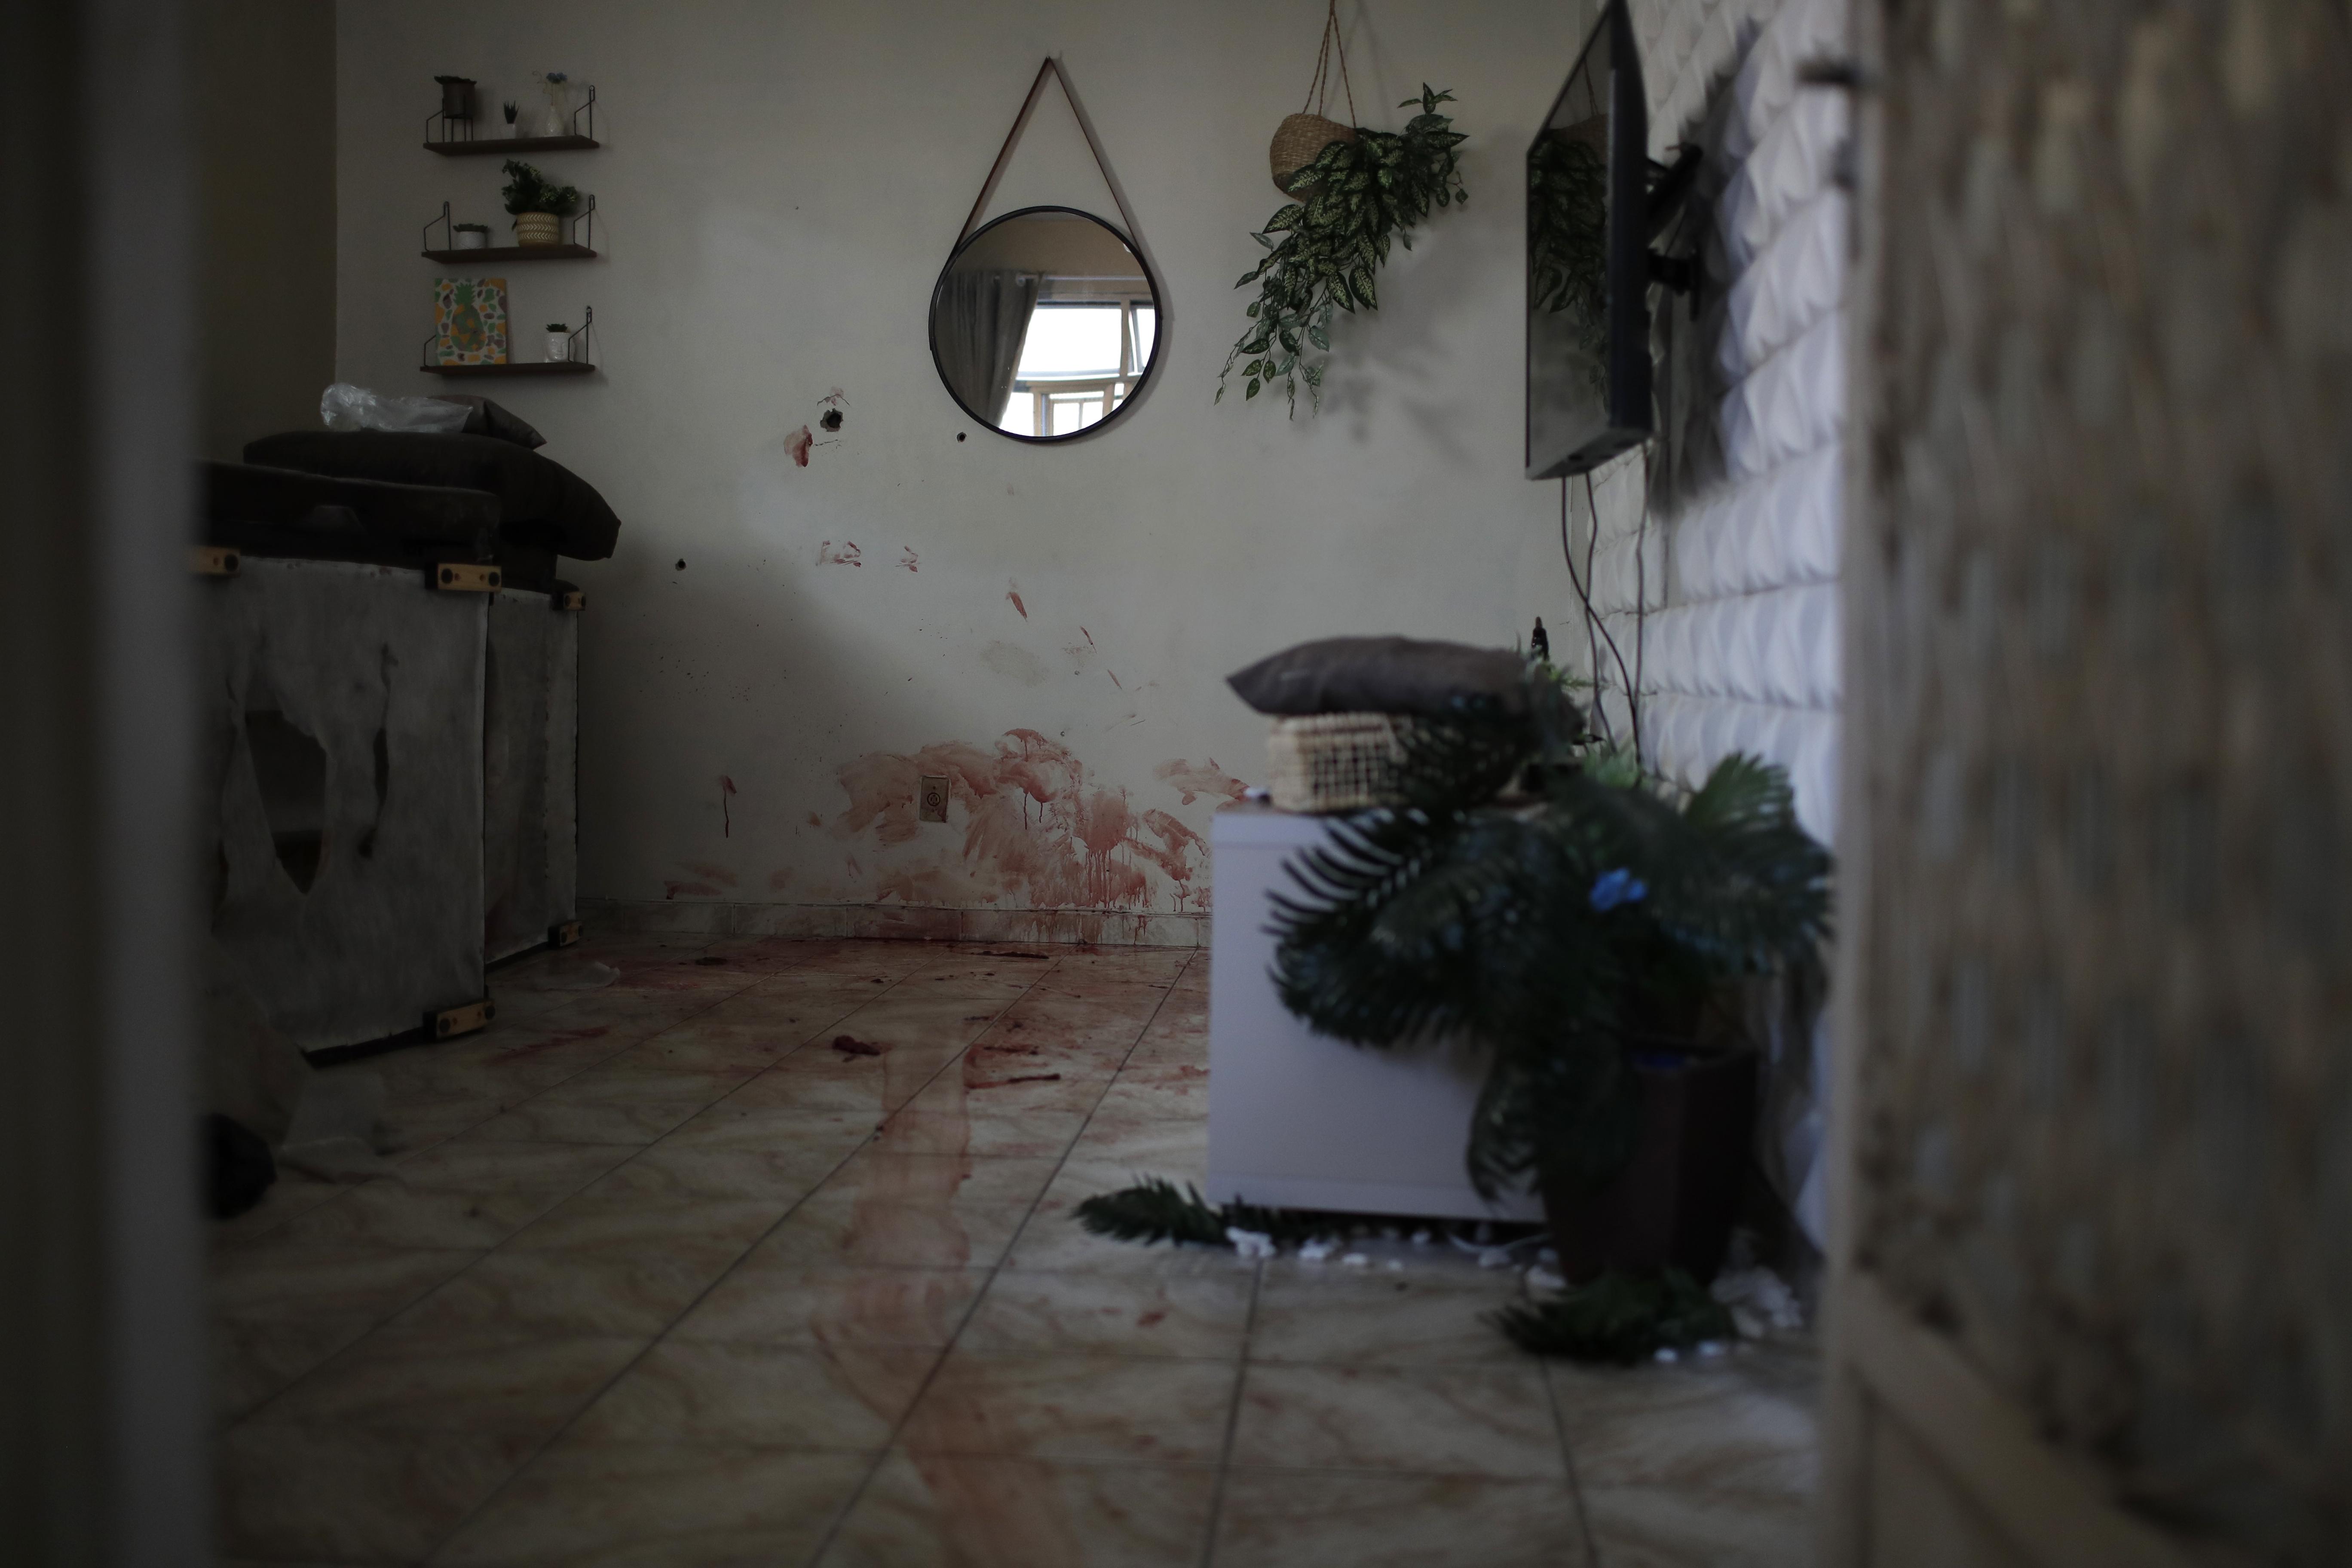 i-pio-aimatiri-astynomiki-epicheirisi-se-favela-toy-rio-me-dekades-nekroys-fotografies5